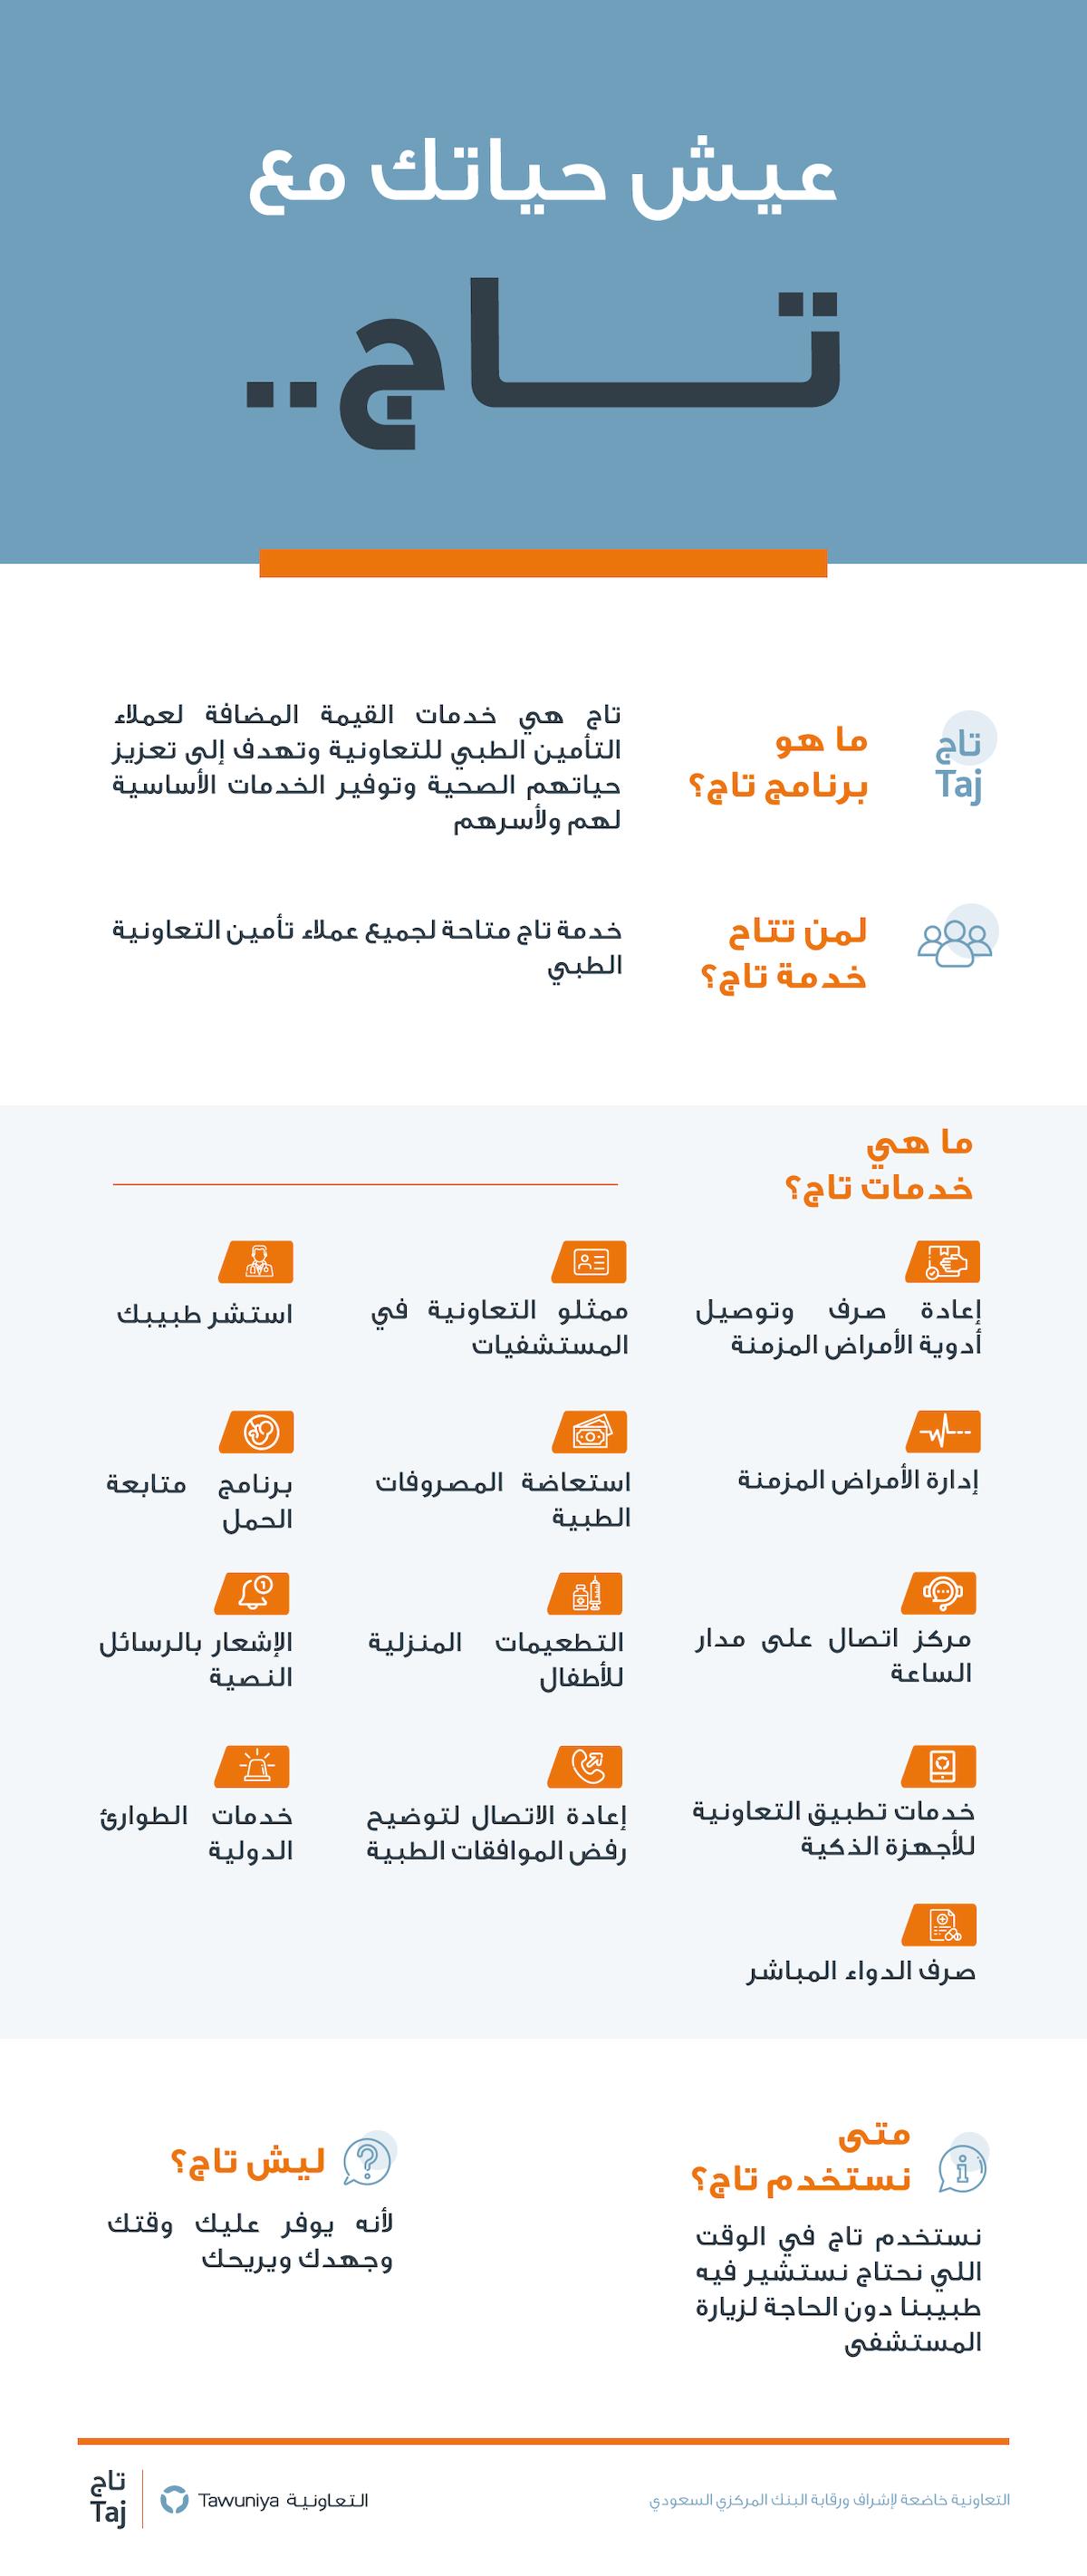 13 خدمة ذات قيمة مضافة تجمعها التعاونية تحت مظلة -تاج-